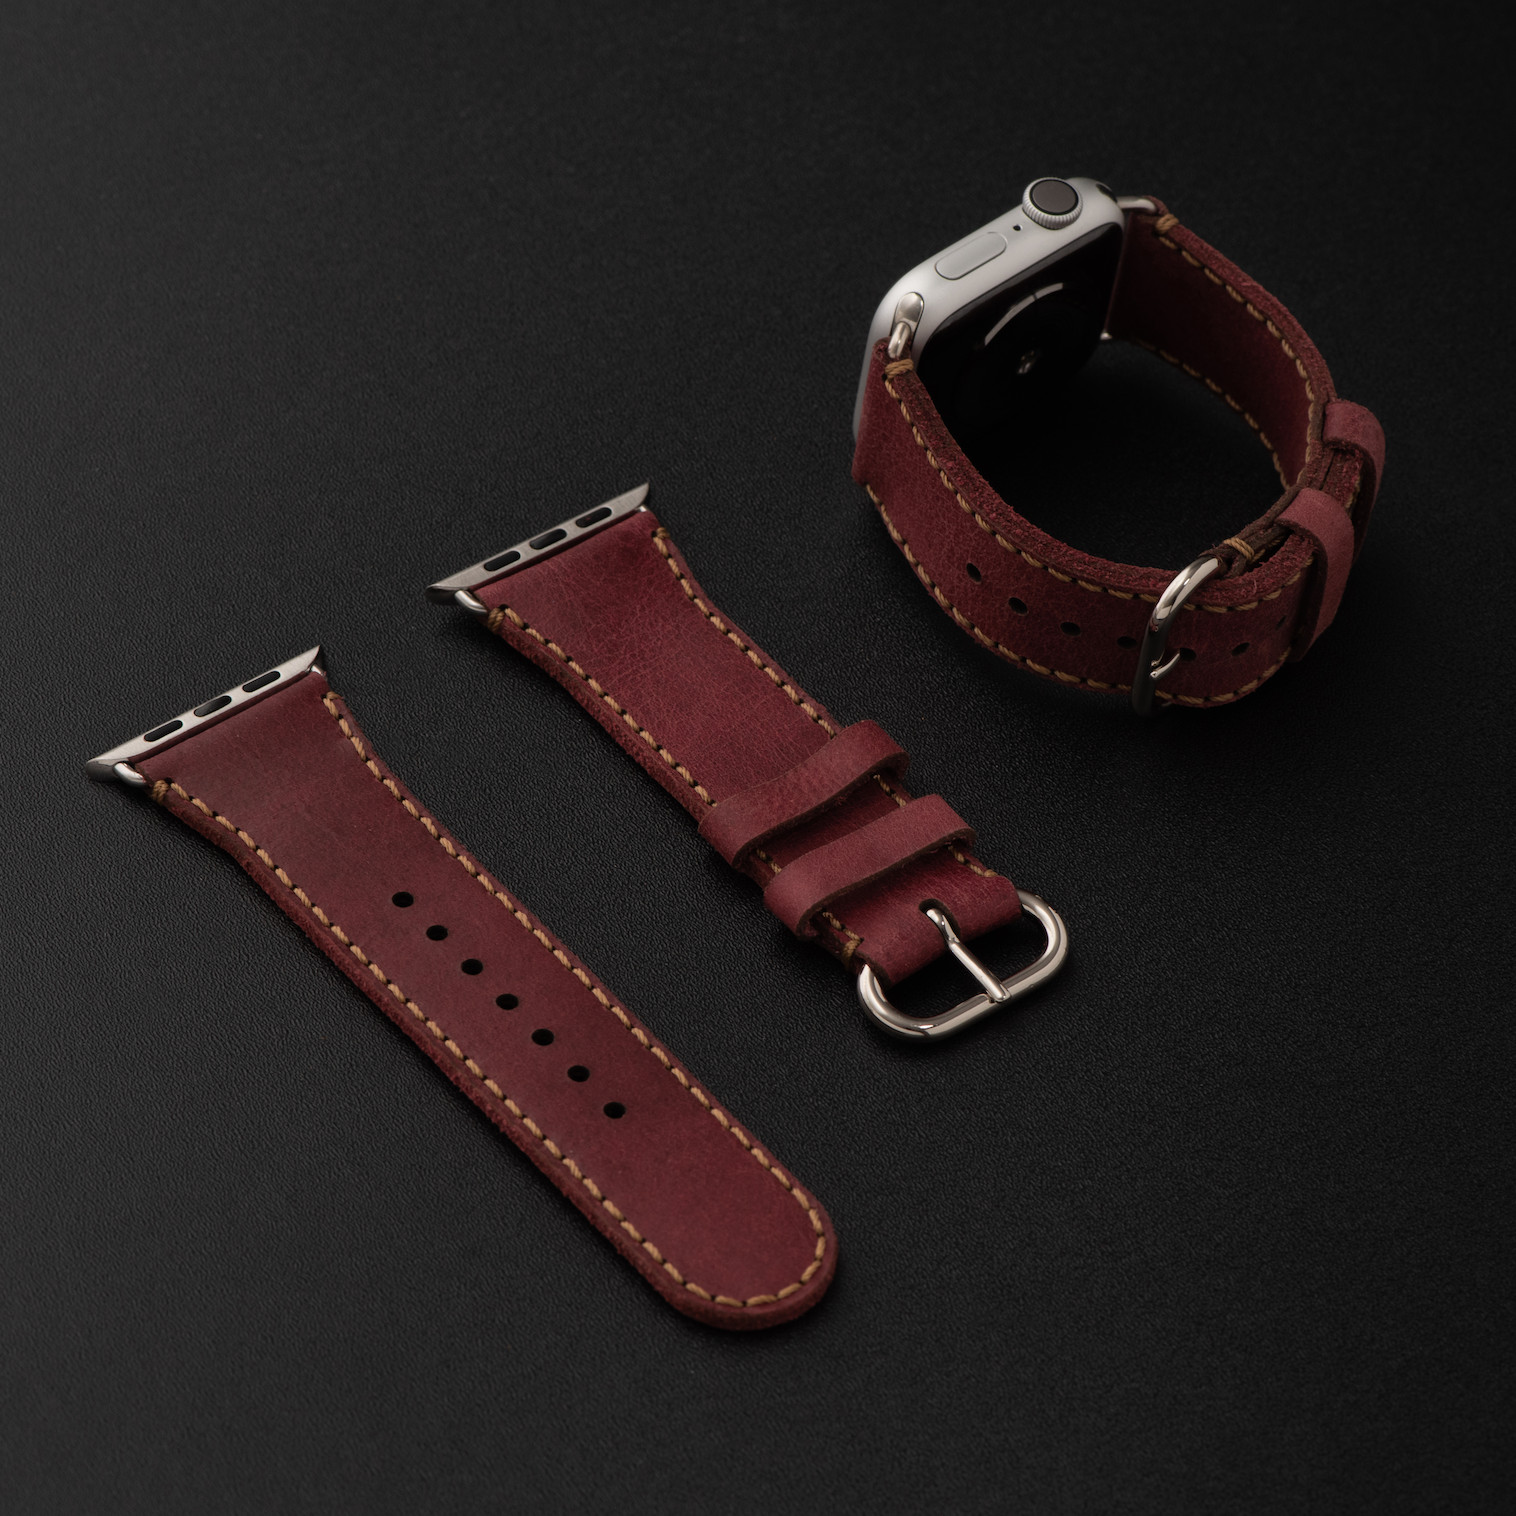 Dây da đồng hồ SEN Apple Watch size 38/40 - CHÍNH HÃNG KHACTEN.COM - ĐỎ SẬM  - 195 - ADAPTER BẠC